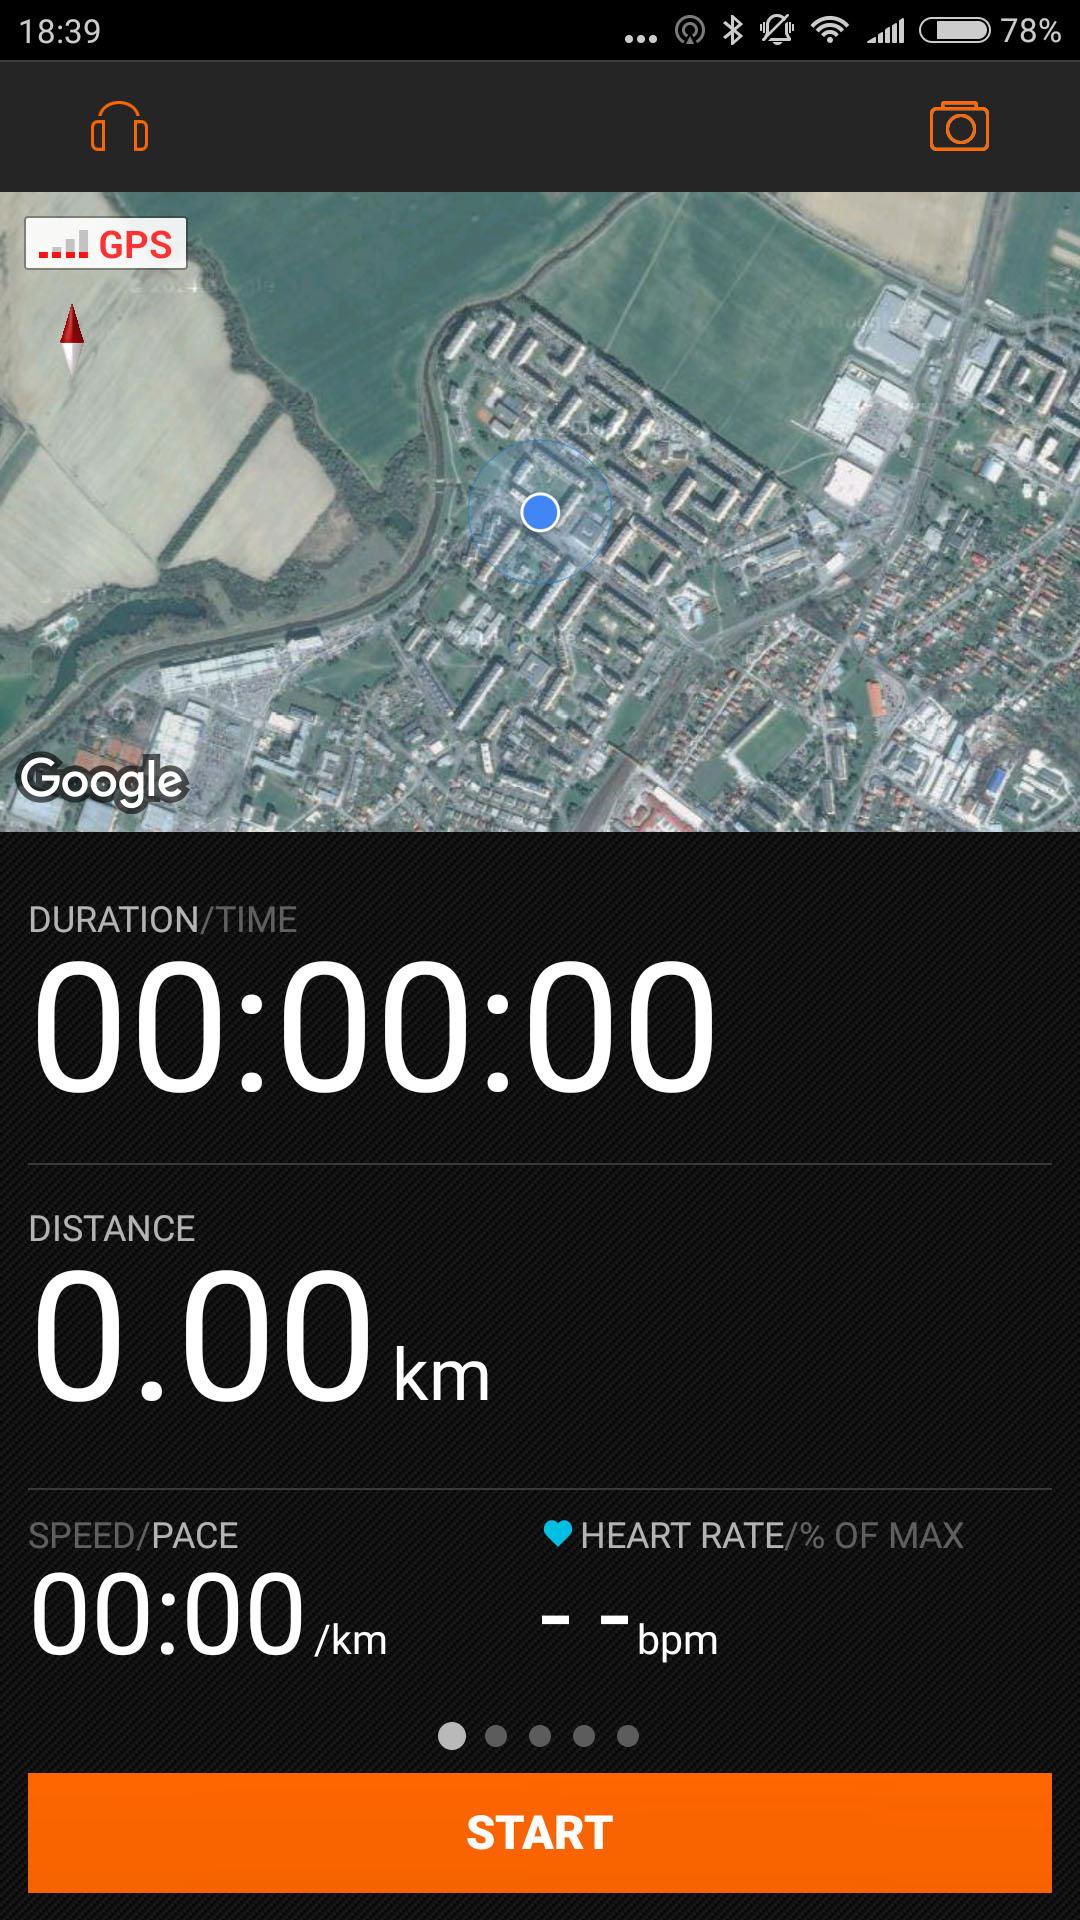 sports tracker activity screen